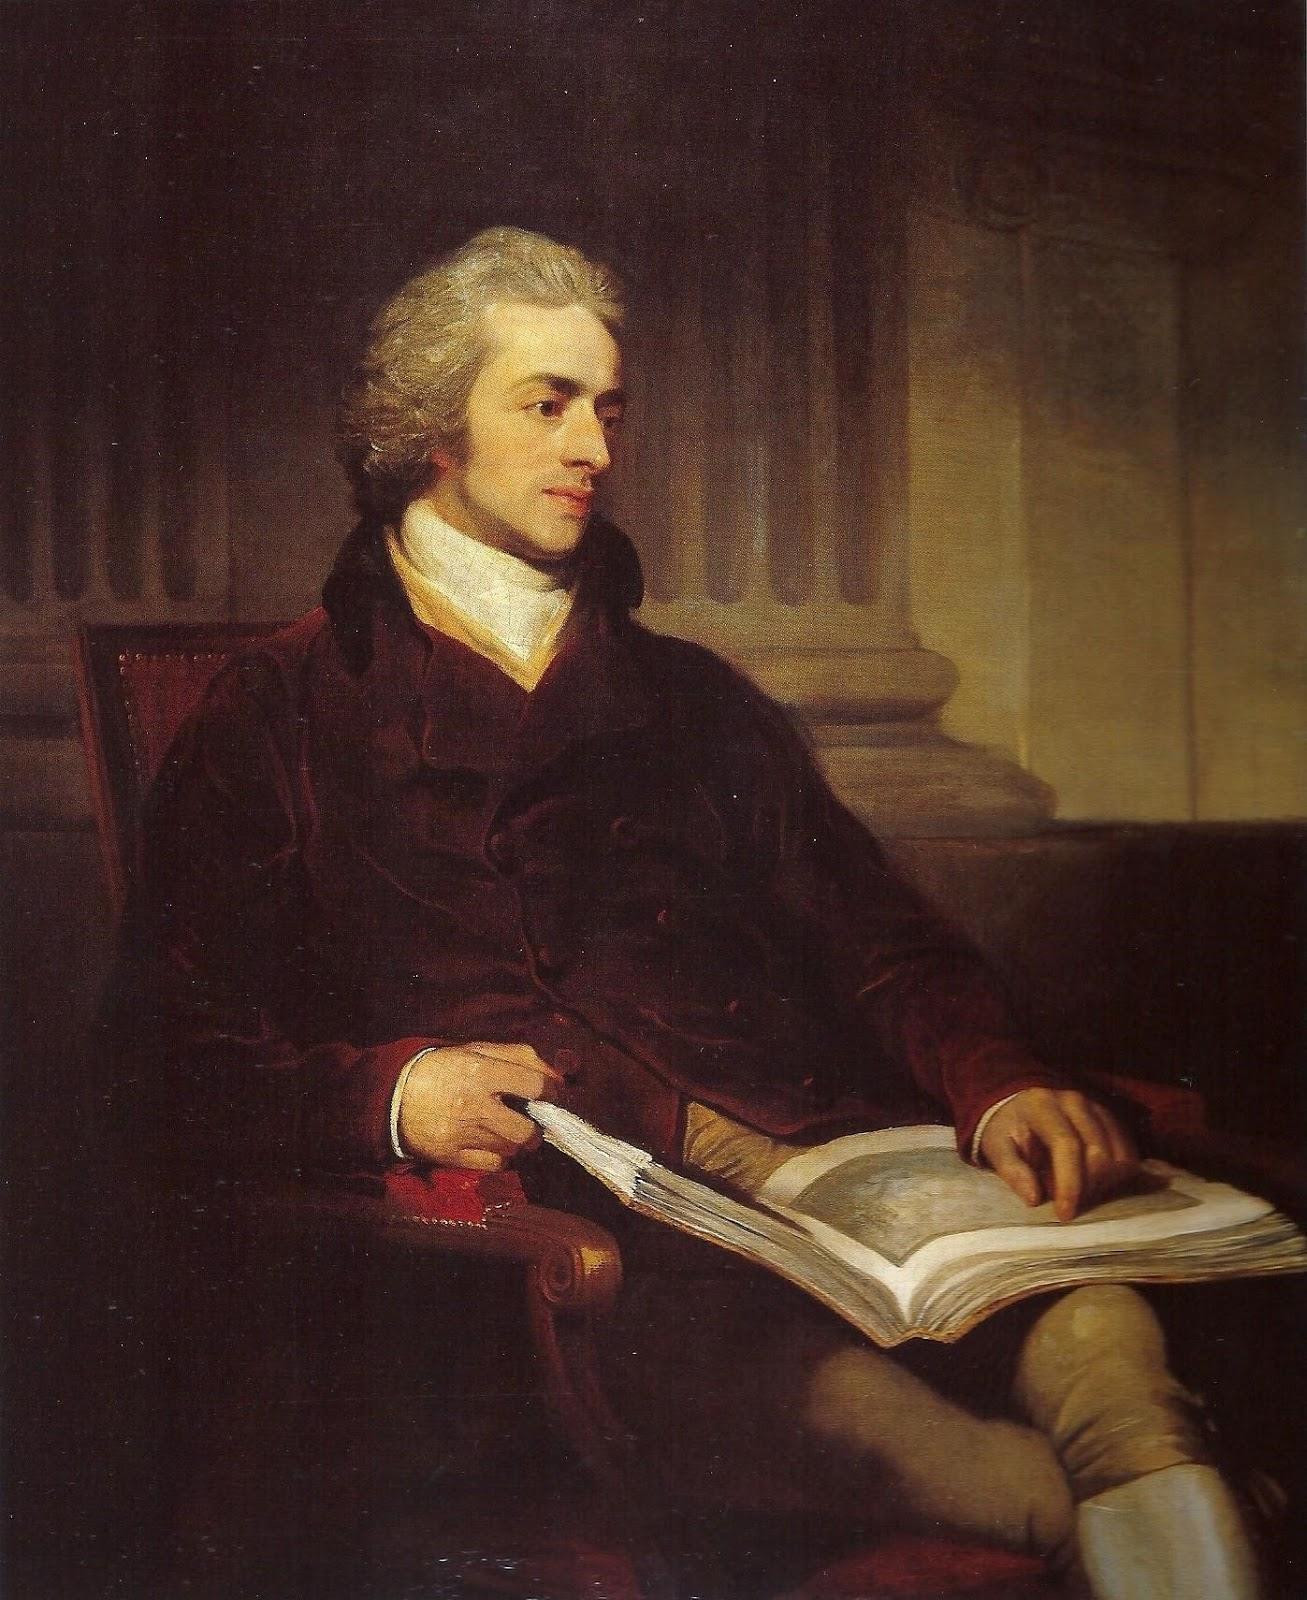 [William-Beckfort-1760-18643]